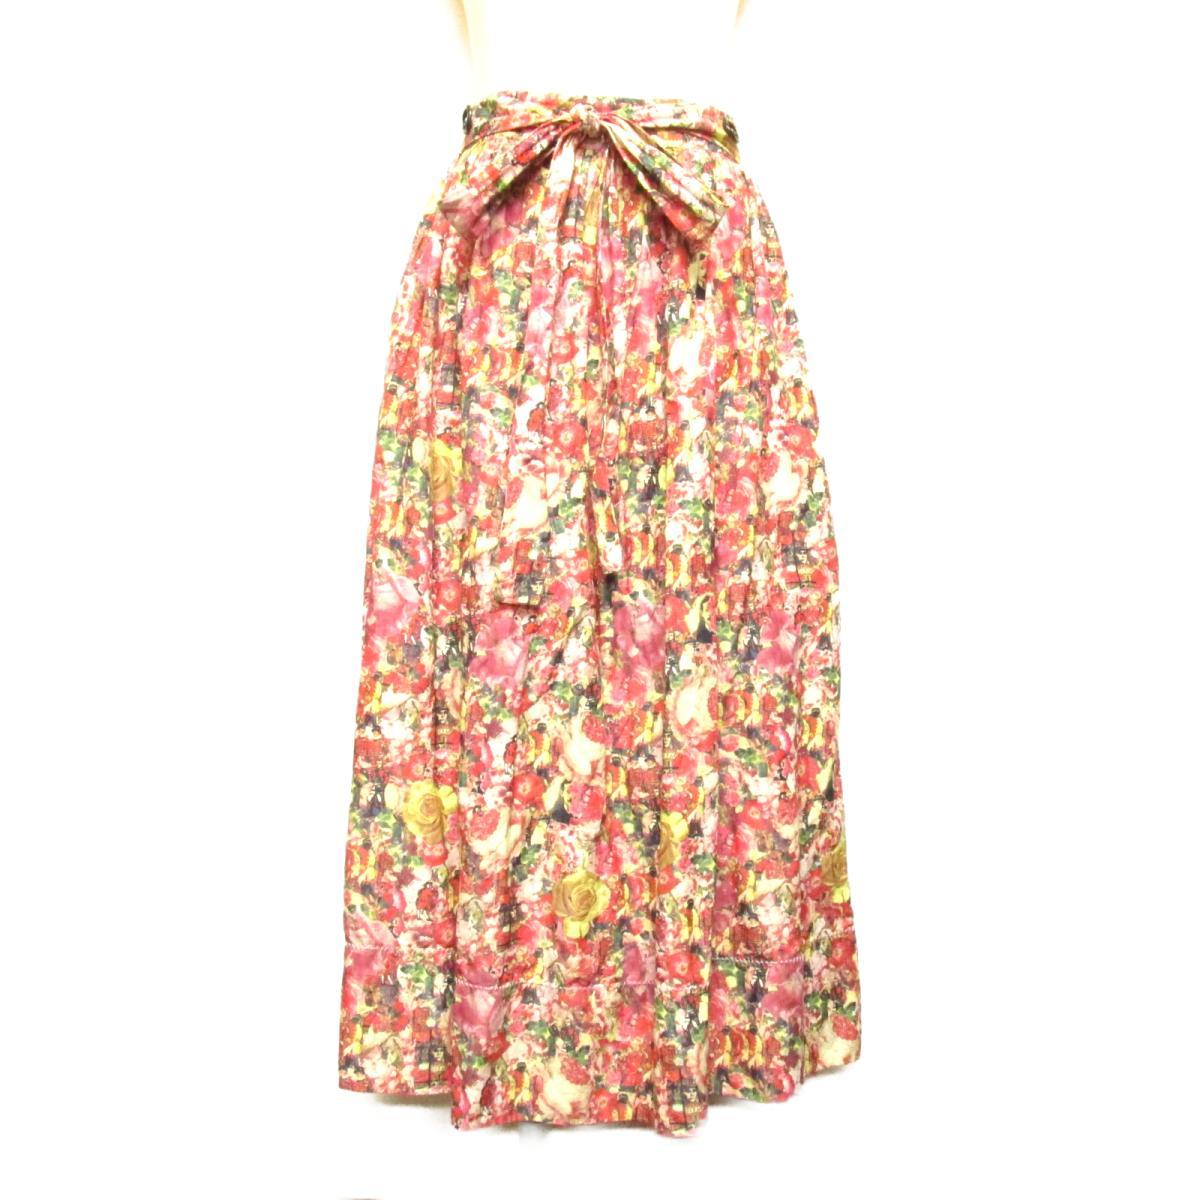 【中古】 マルニ スカート レディース ナイロン51% コットン43% 金属繊維6% マルチカラー | MARNI BRANDOFF ブランドオフ 衣料品 衣類 ブランド ボトムス